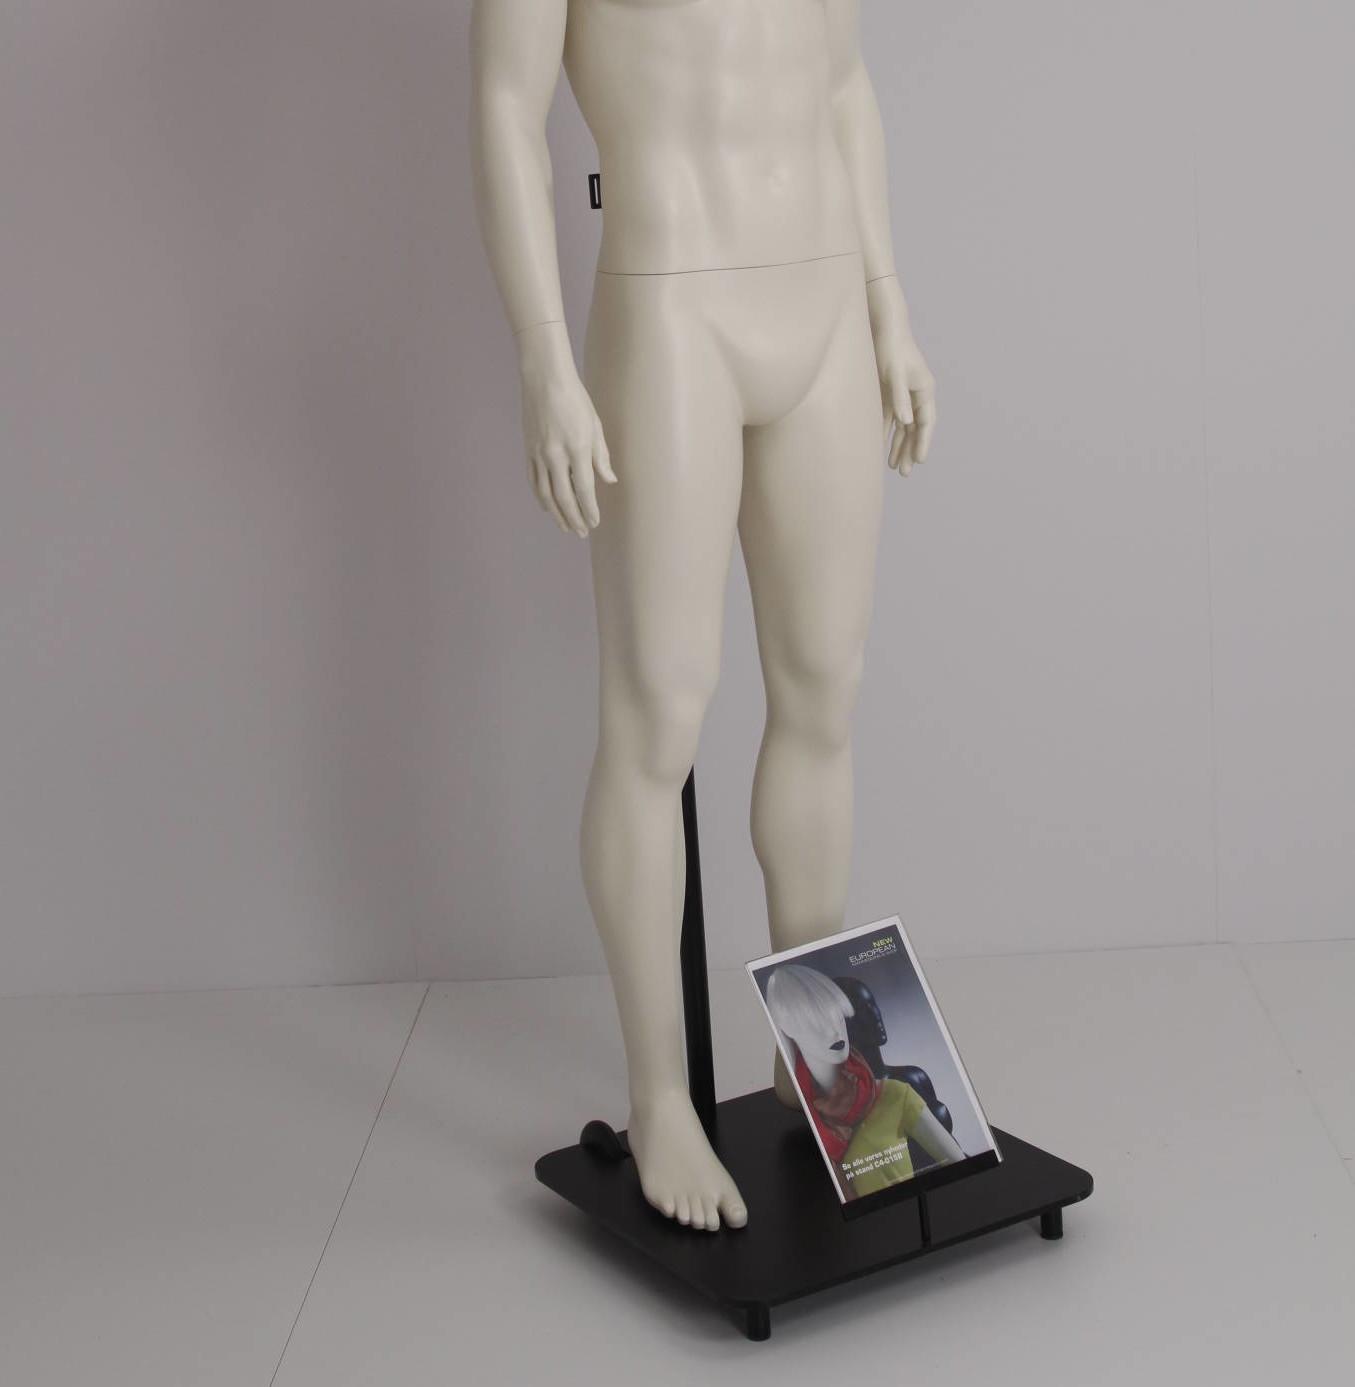 Gadestativ til mannequin / stativet kan bruges til at flytte butikkens udstilling ud på gaden